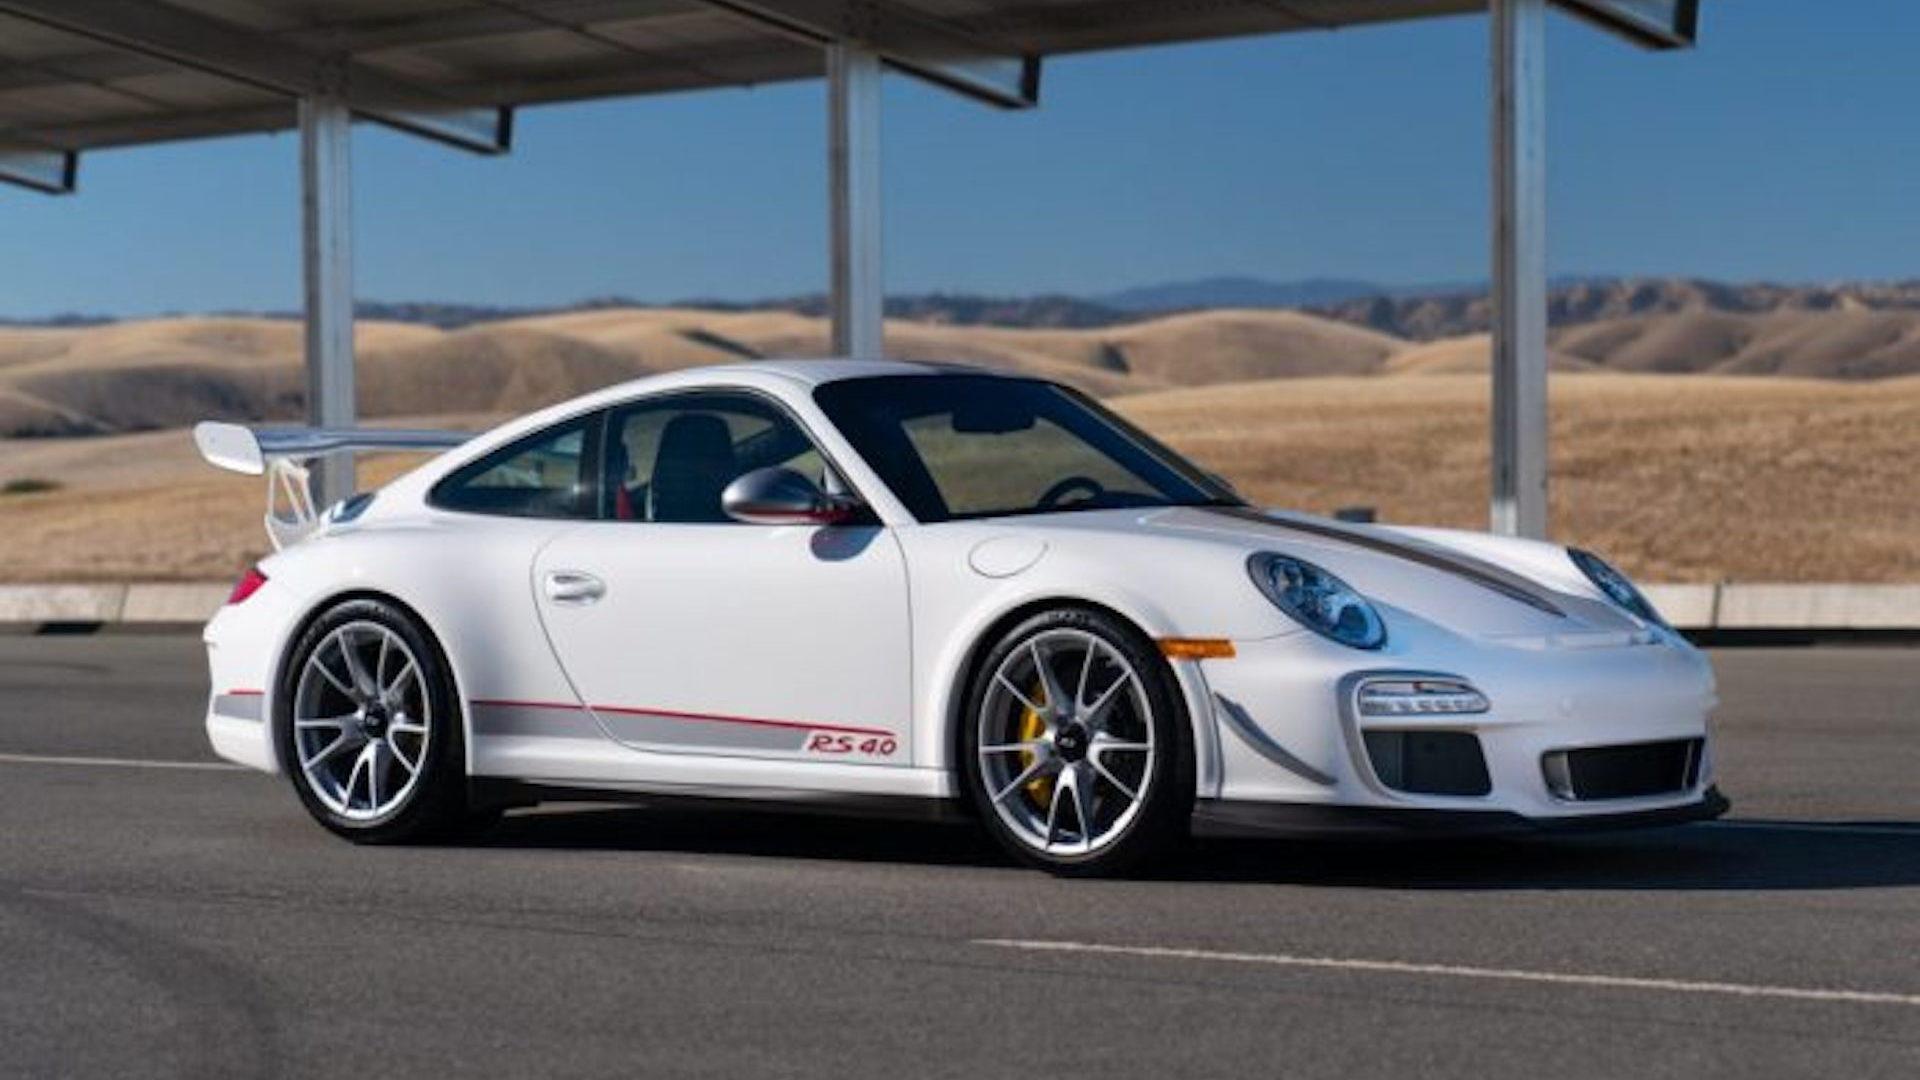 2011 Porsche 911 GT3 RS 4.0, via Gooding & Company